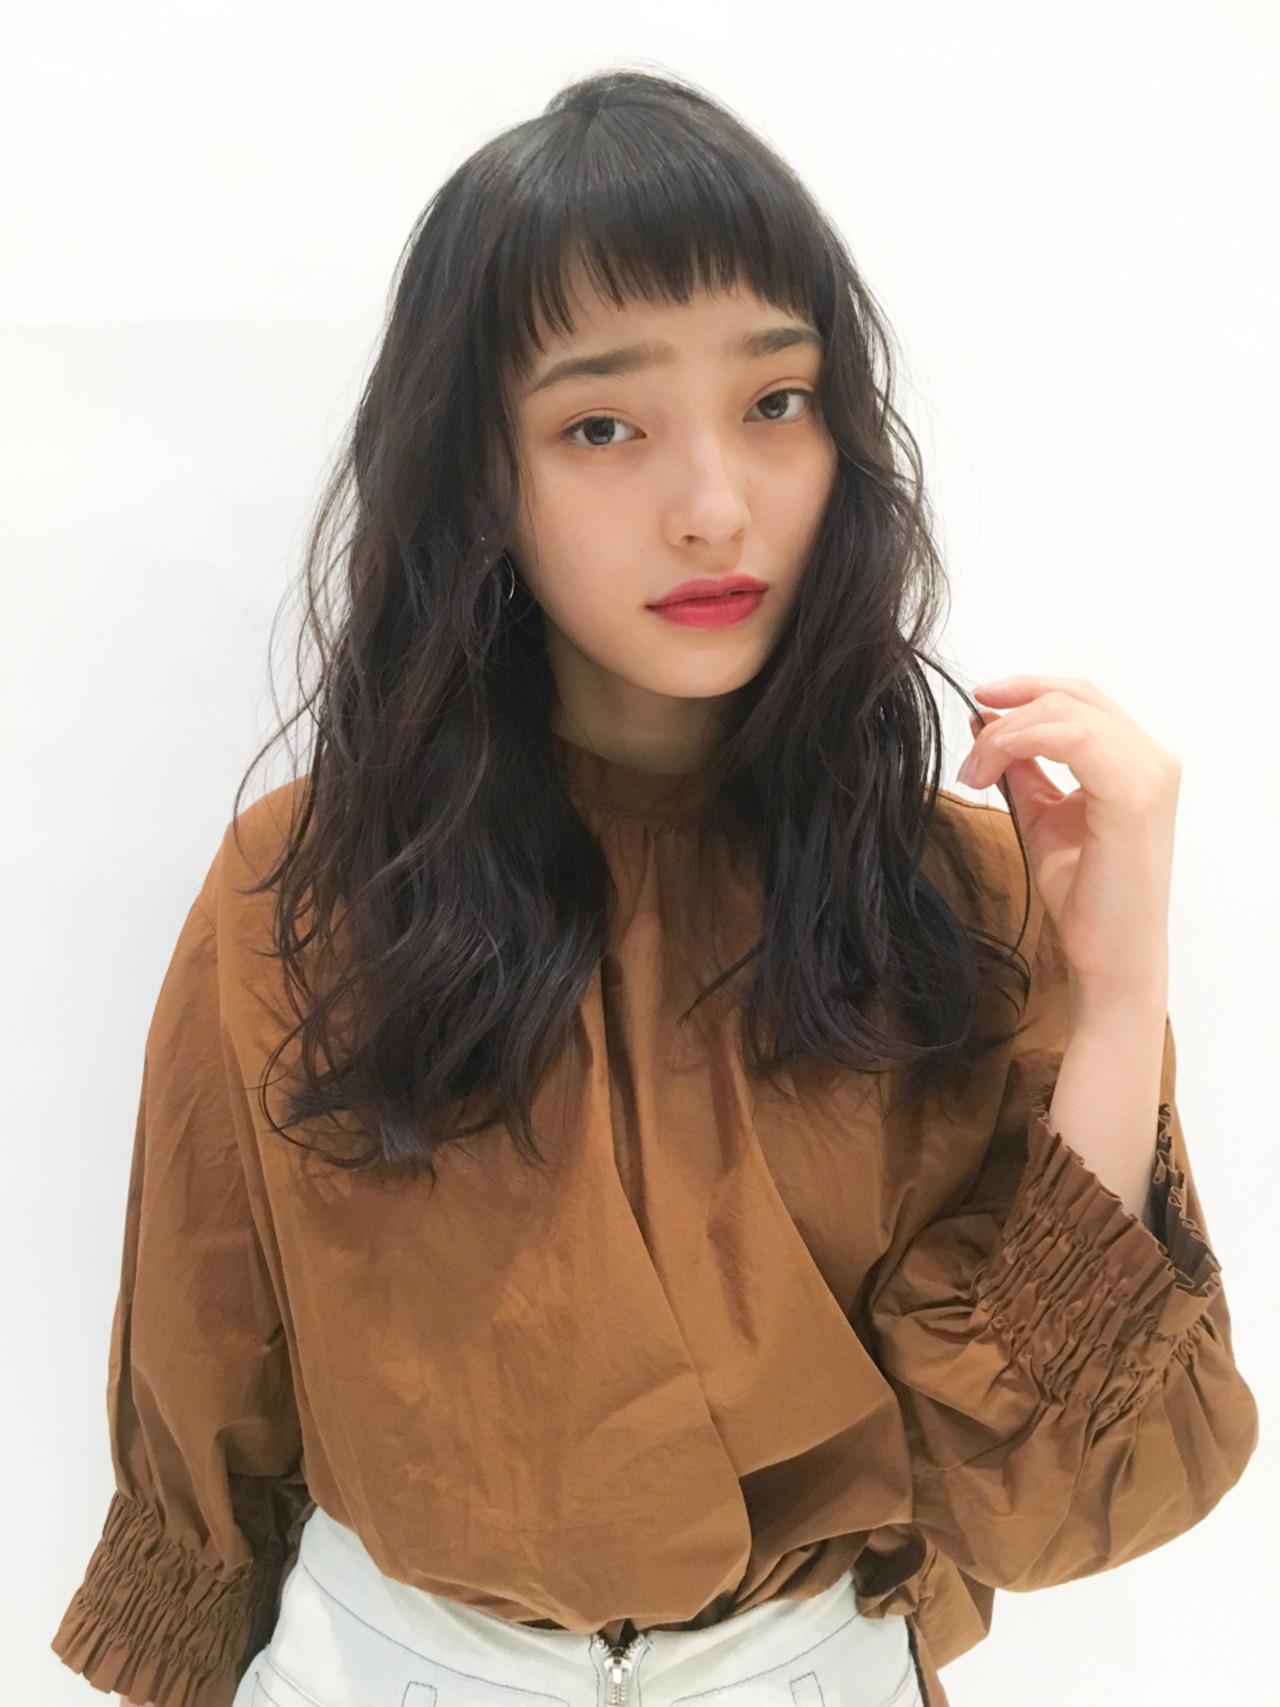 眉上バングが◎トレンドを取り入れた黒髪パーマ 表参道NORA hair salon YUKA